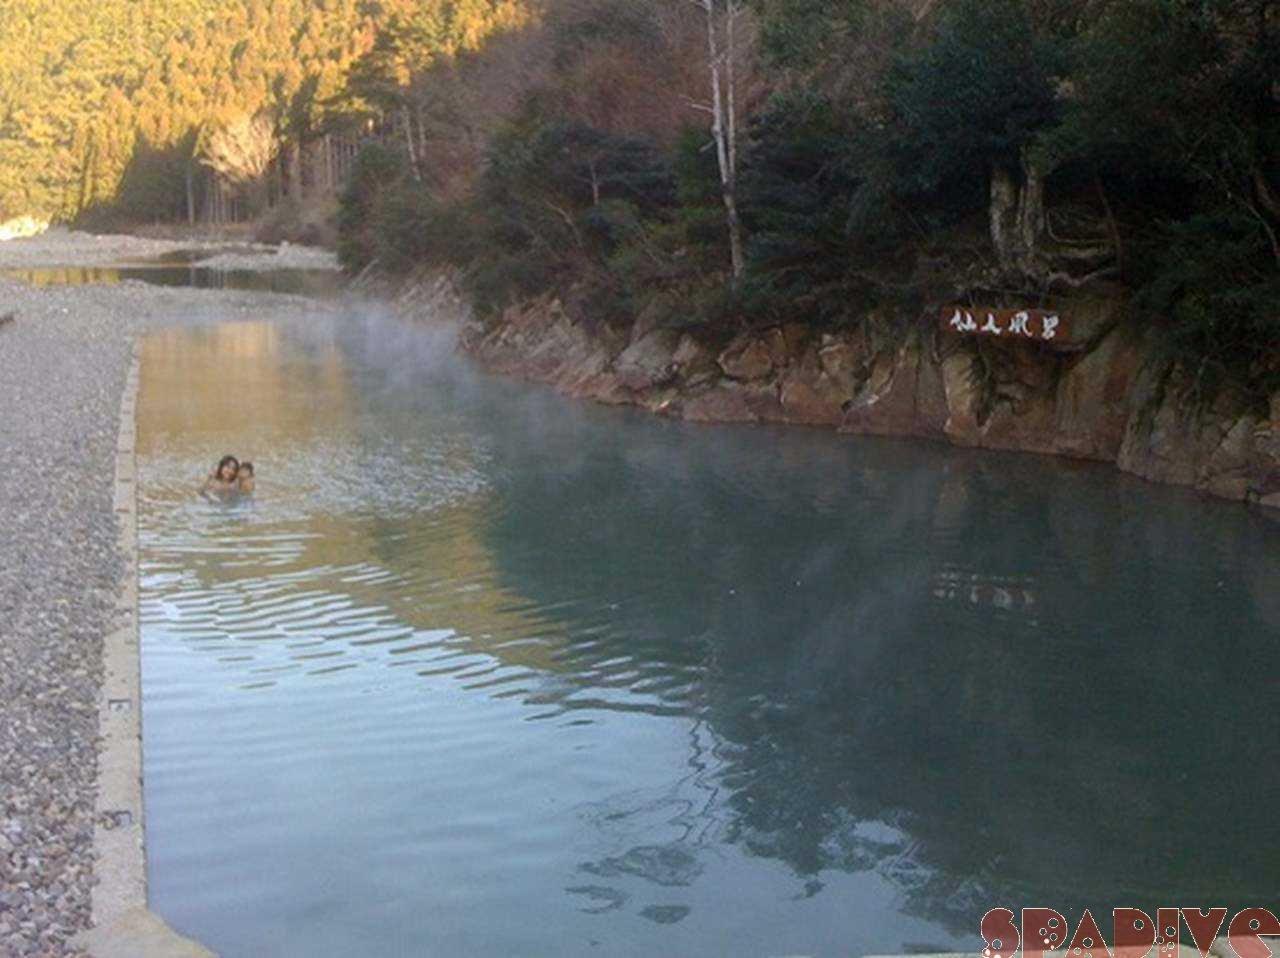 熊野古道~本宮大社~川湯温泉『仙人風呂』へ 1/26/2010